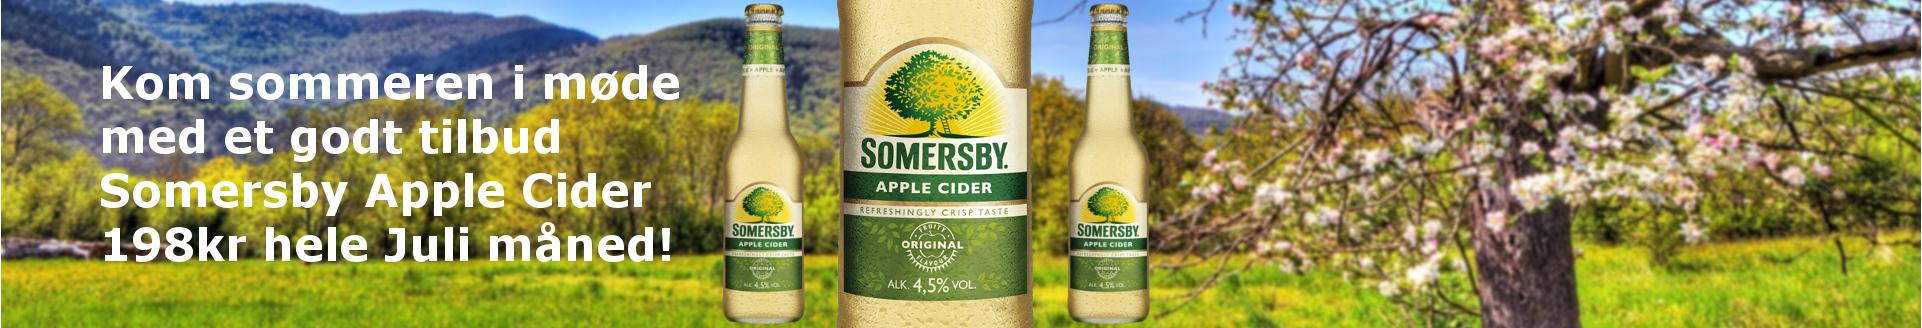 Somersby_sommer_tilbud